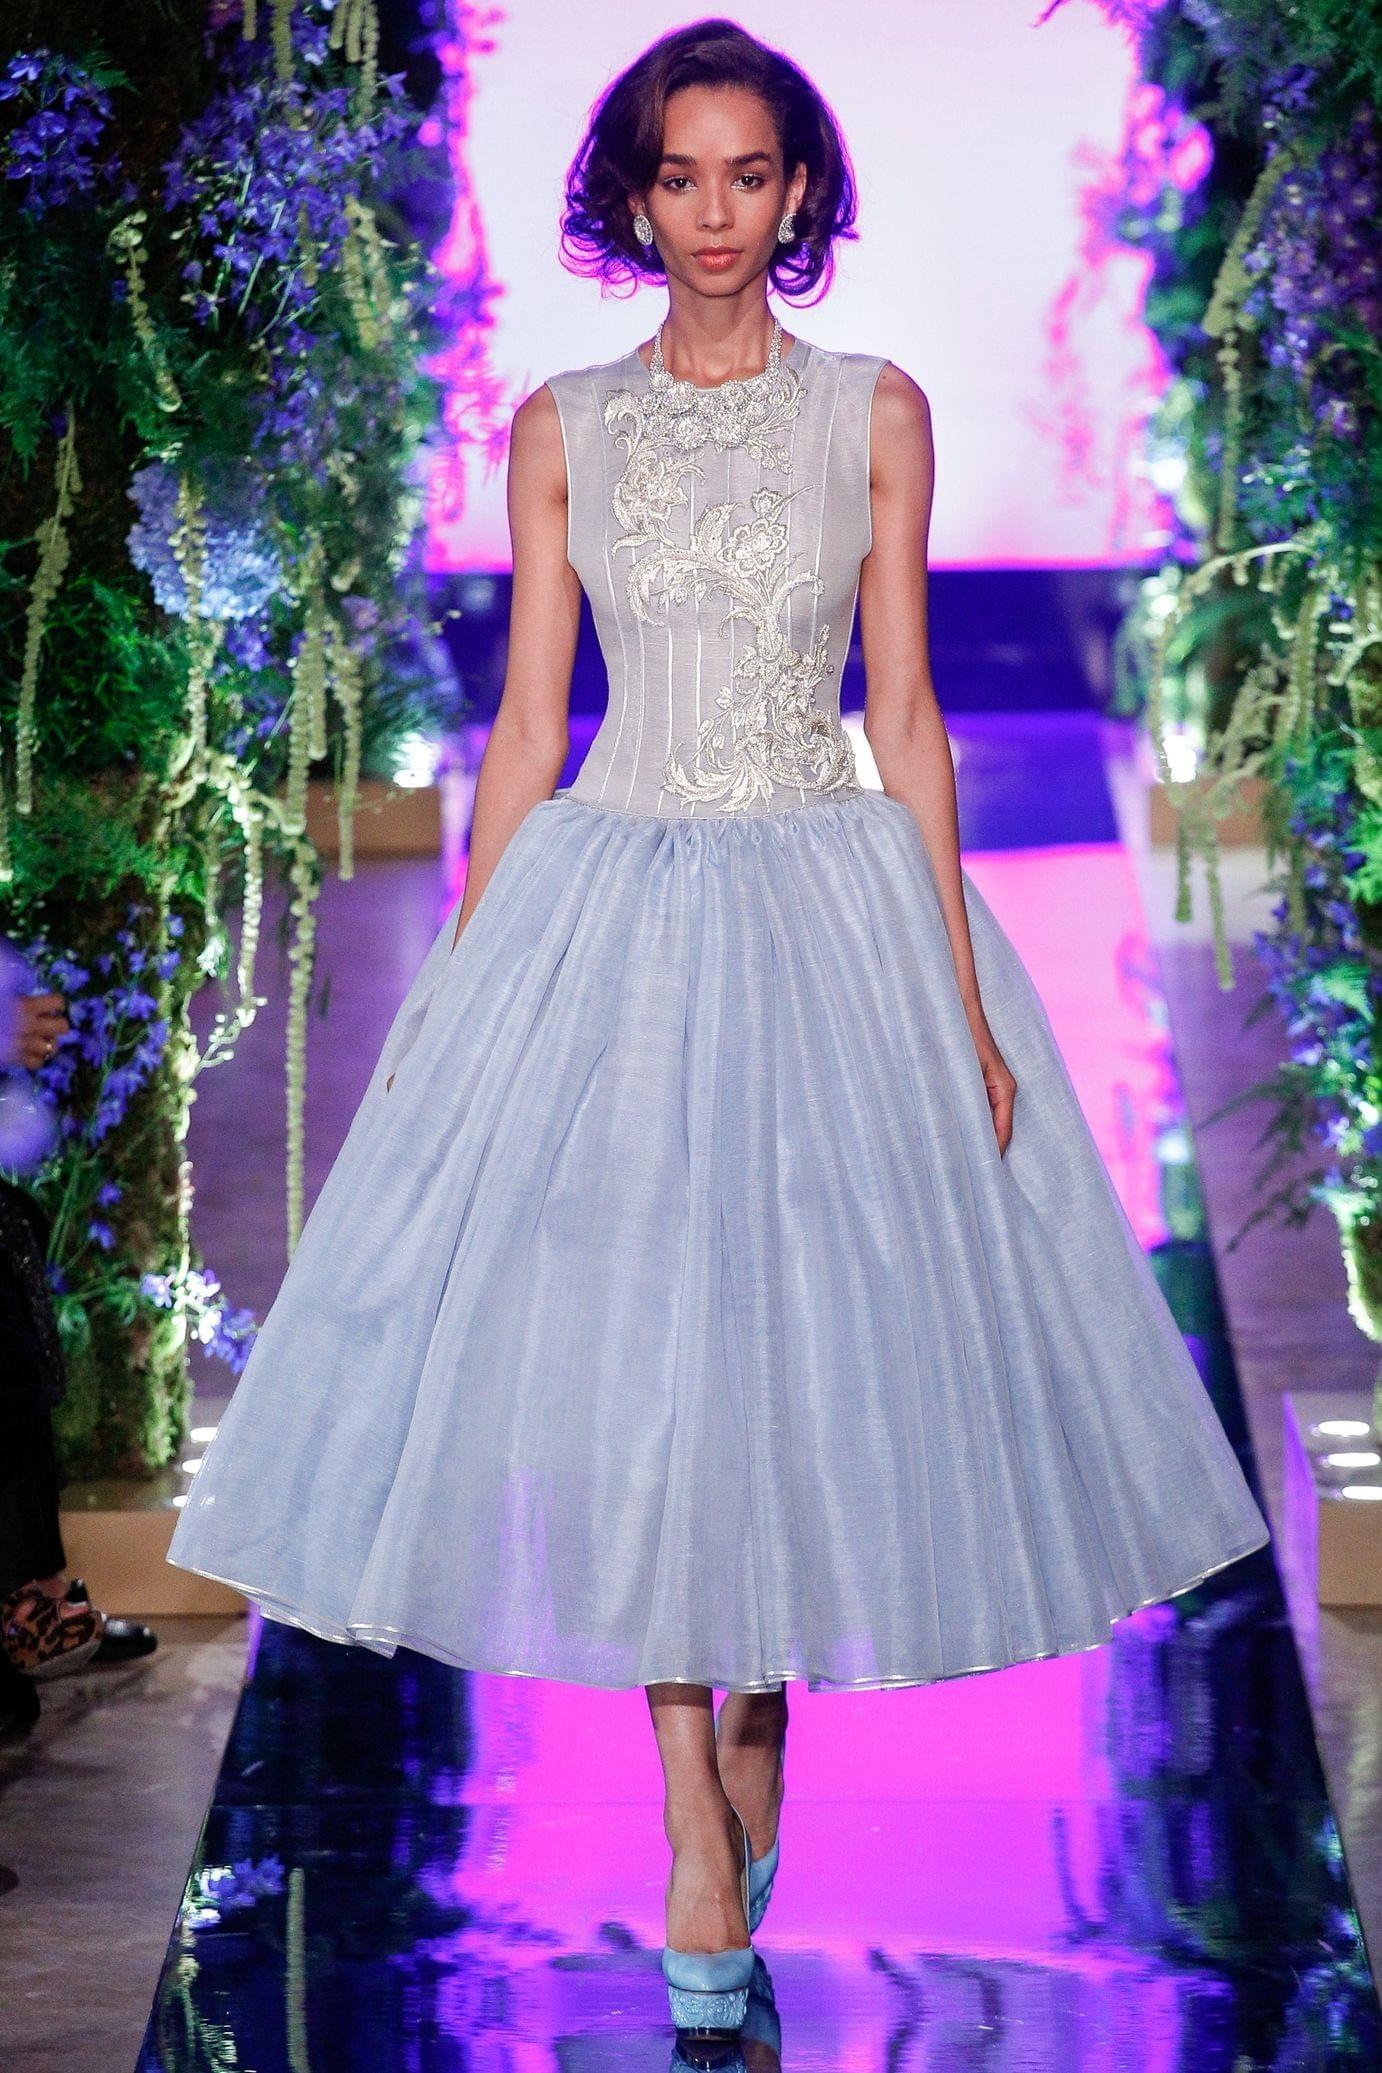 Défilé Guo Pei Haute couture automne-hiver 2017-2018 7